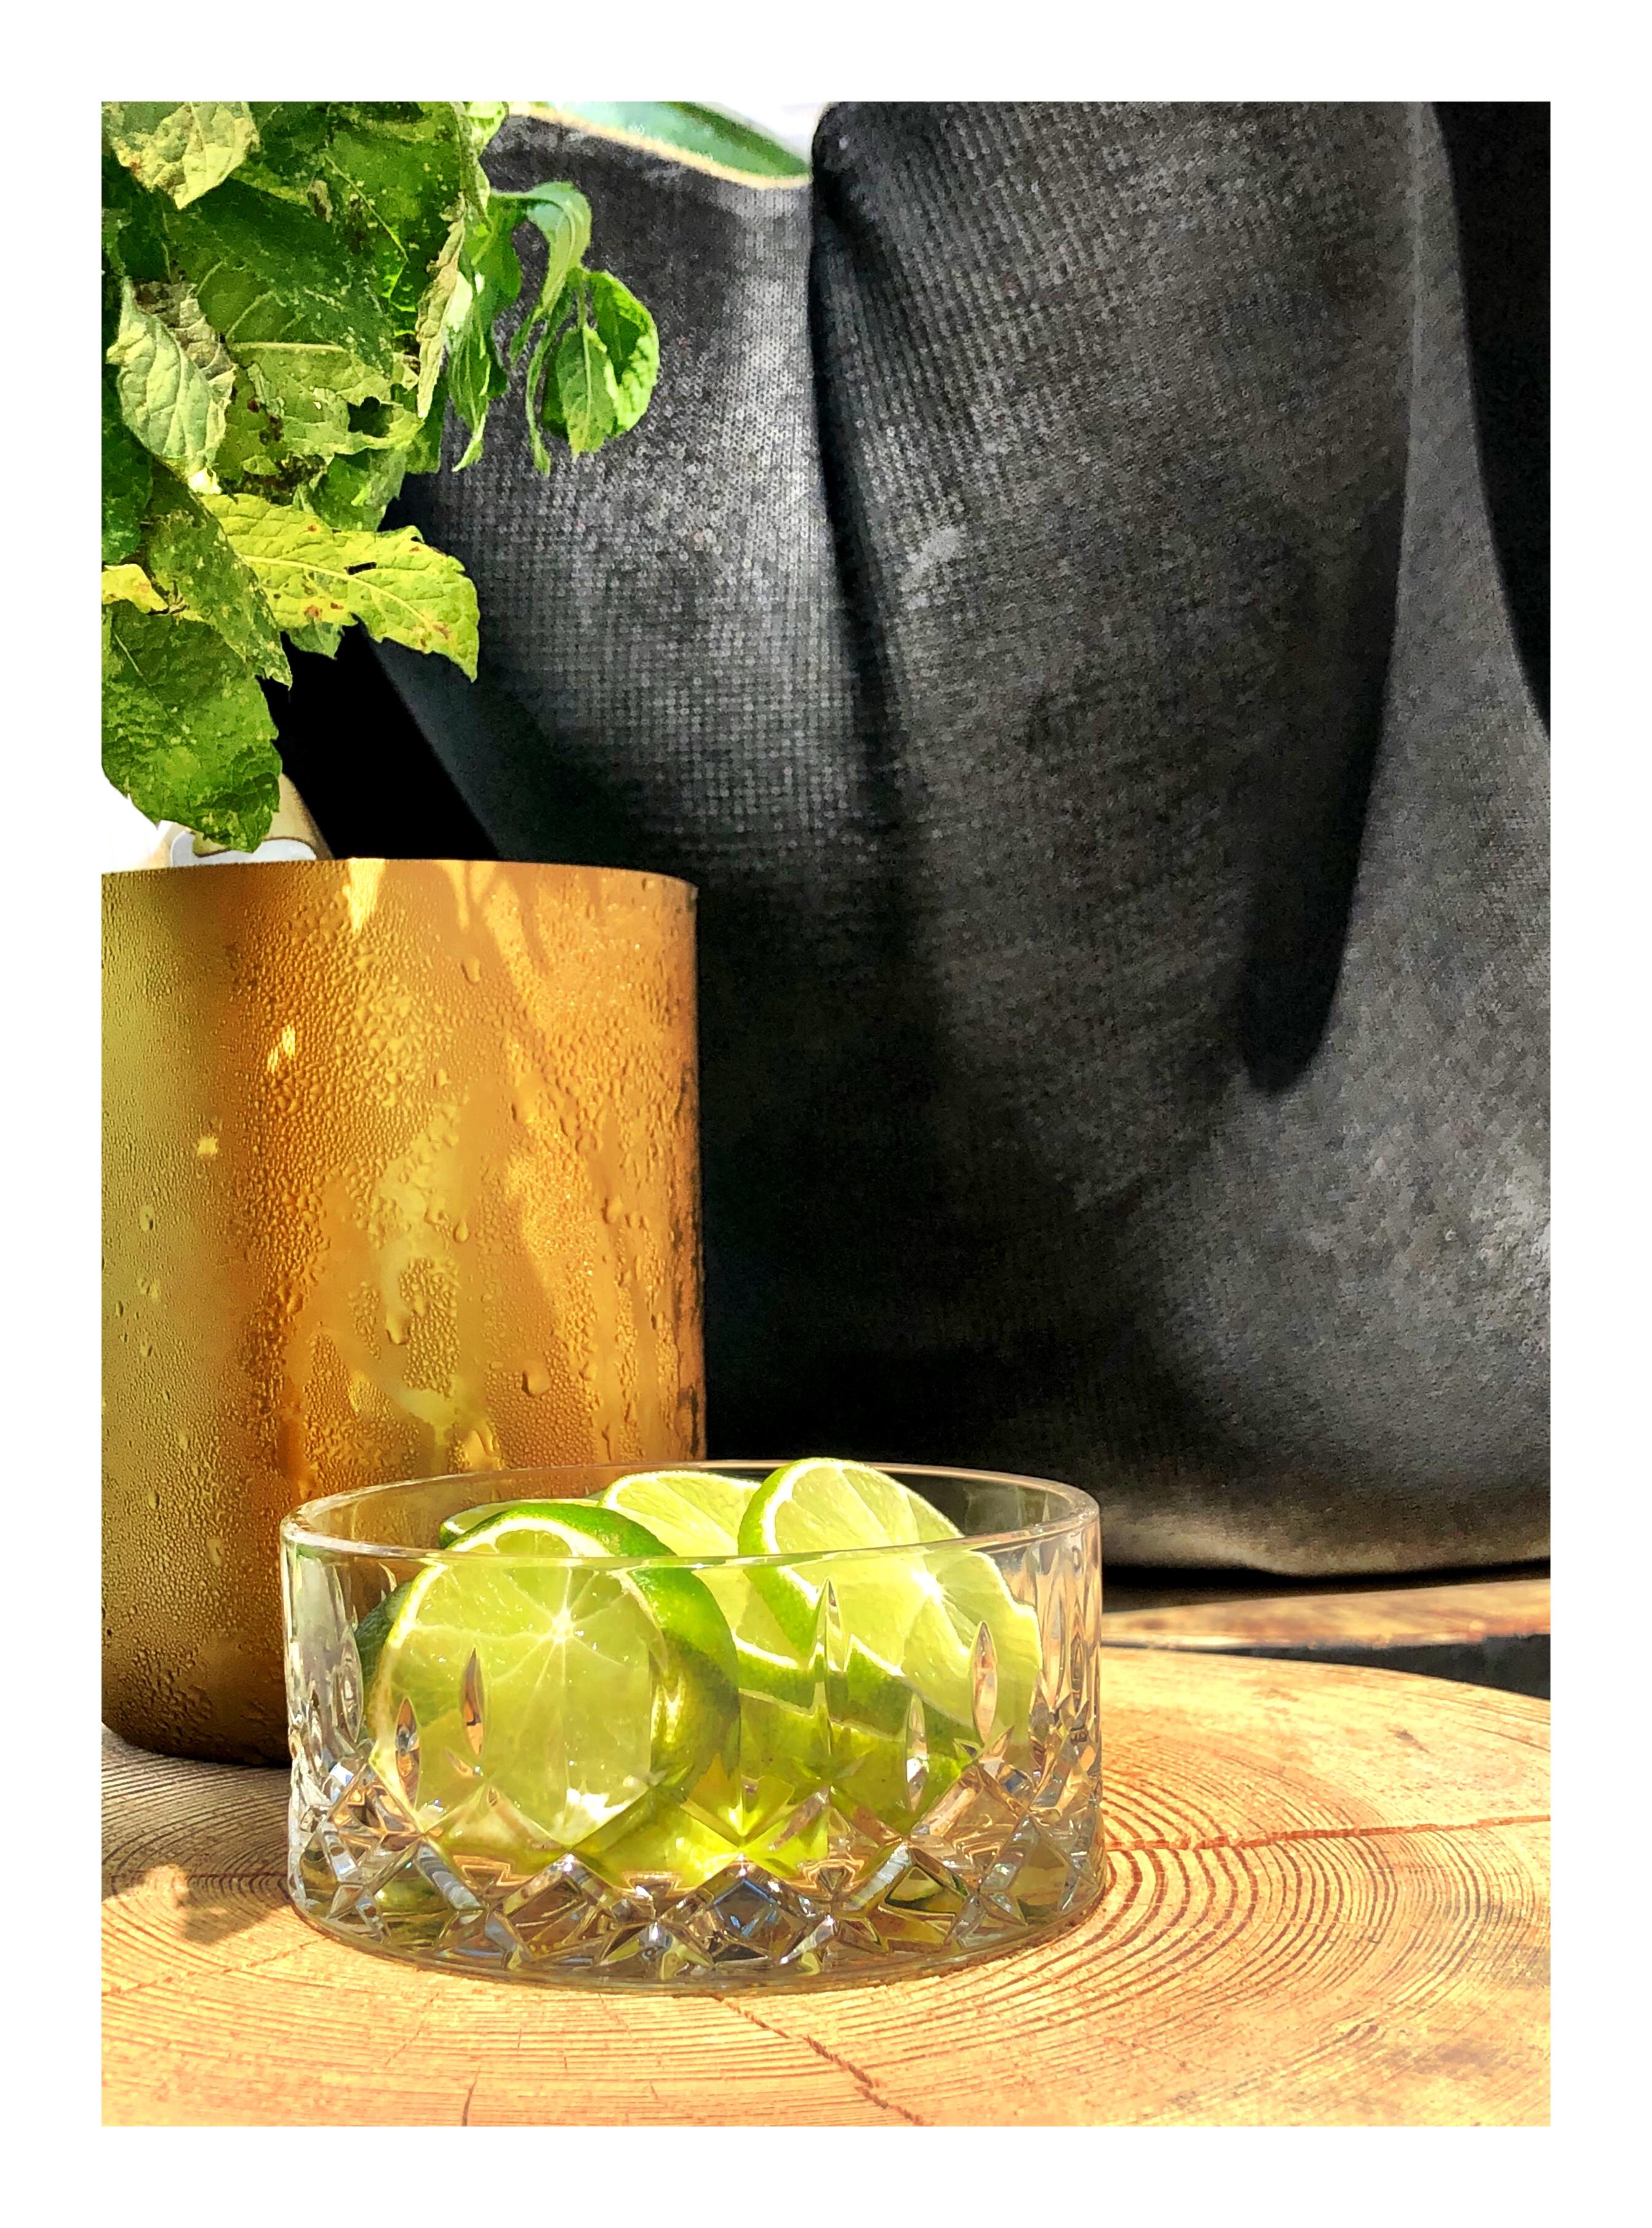 Getränkekühler und Eisbehälter